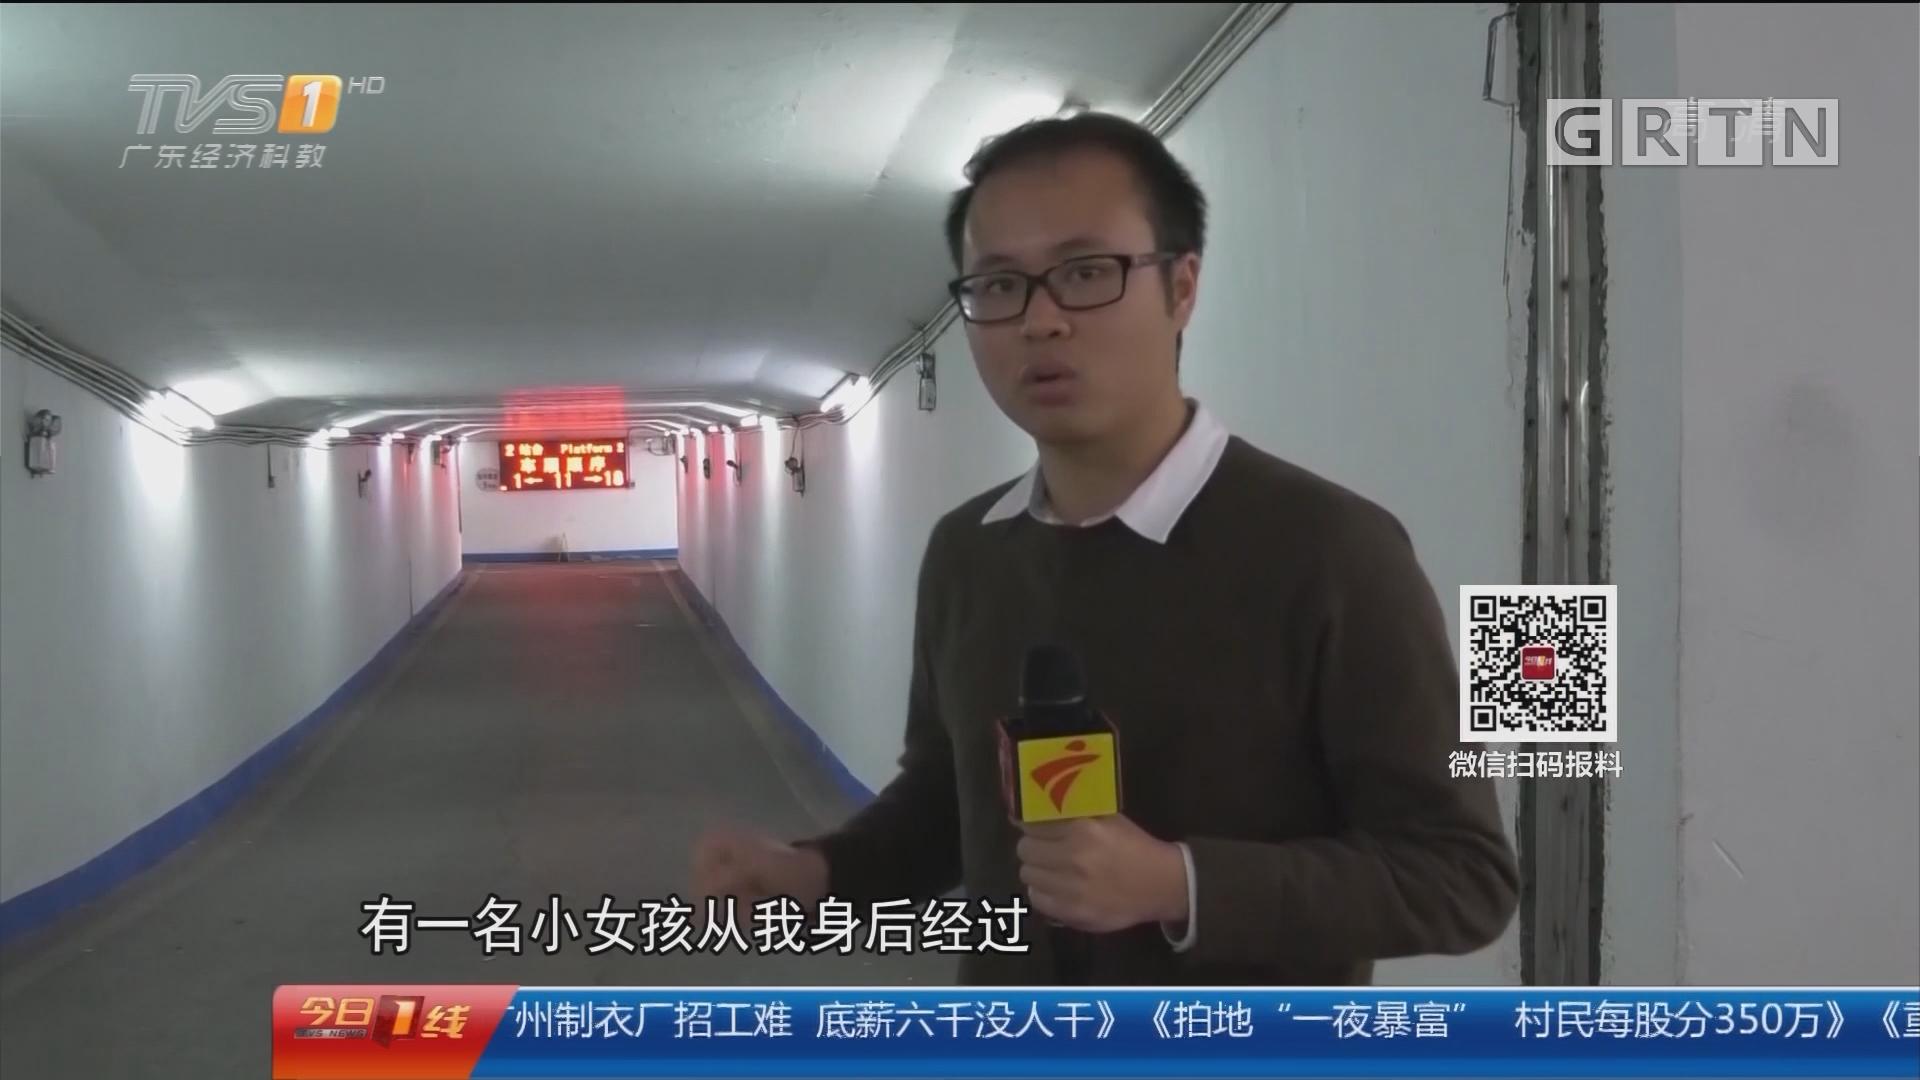 深圳南山:重庆少女远赴深圳 疑似被拐